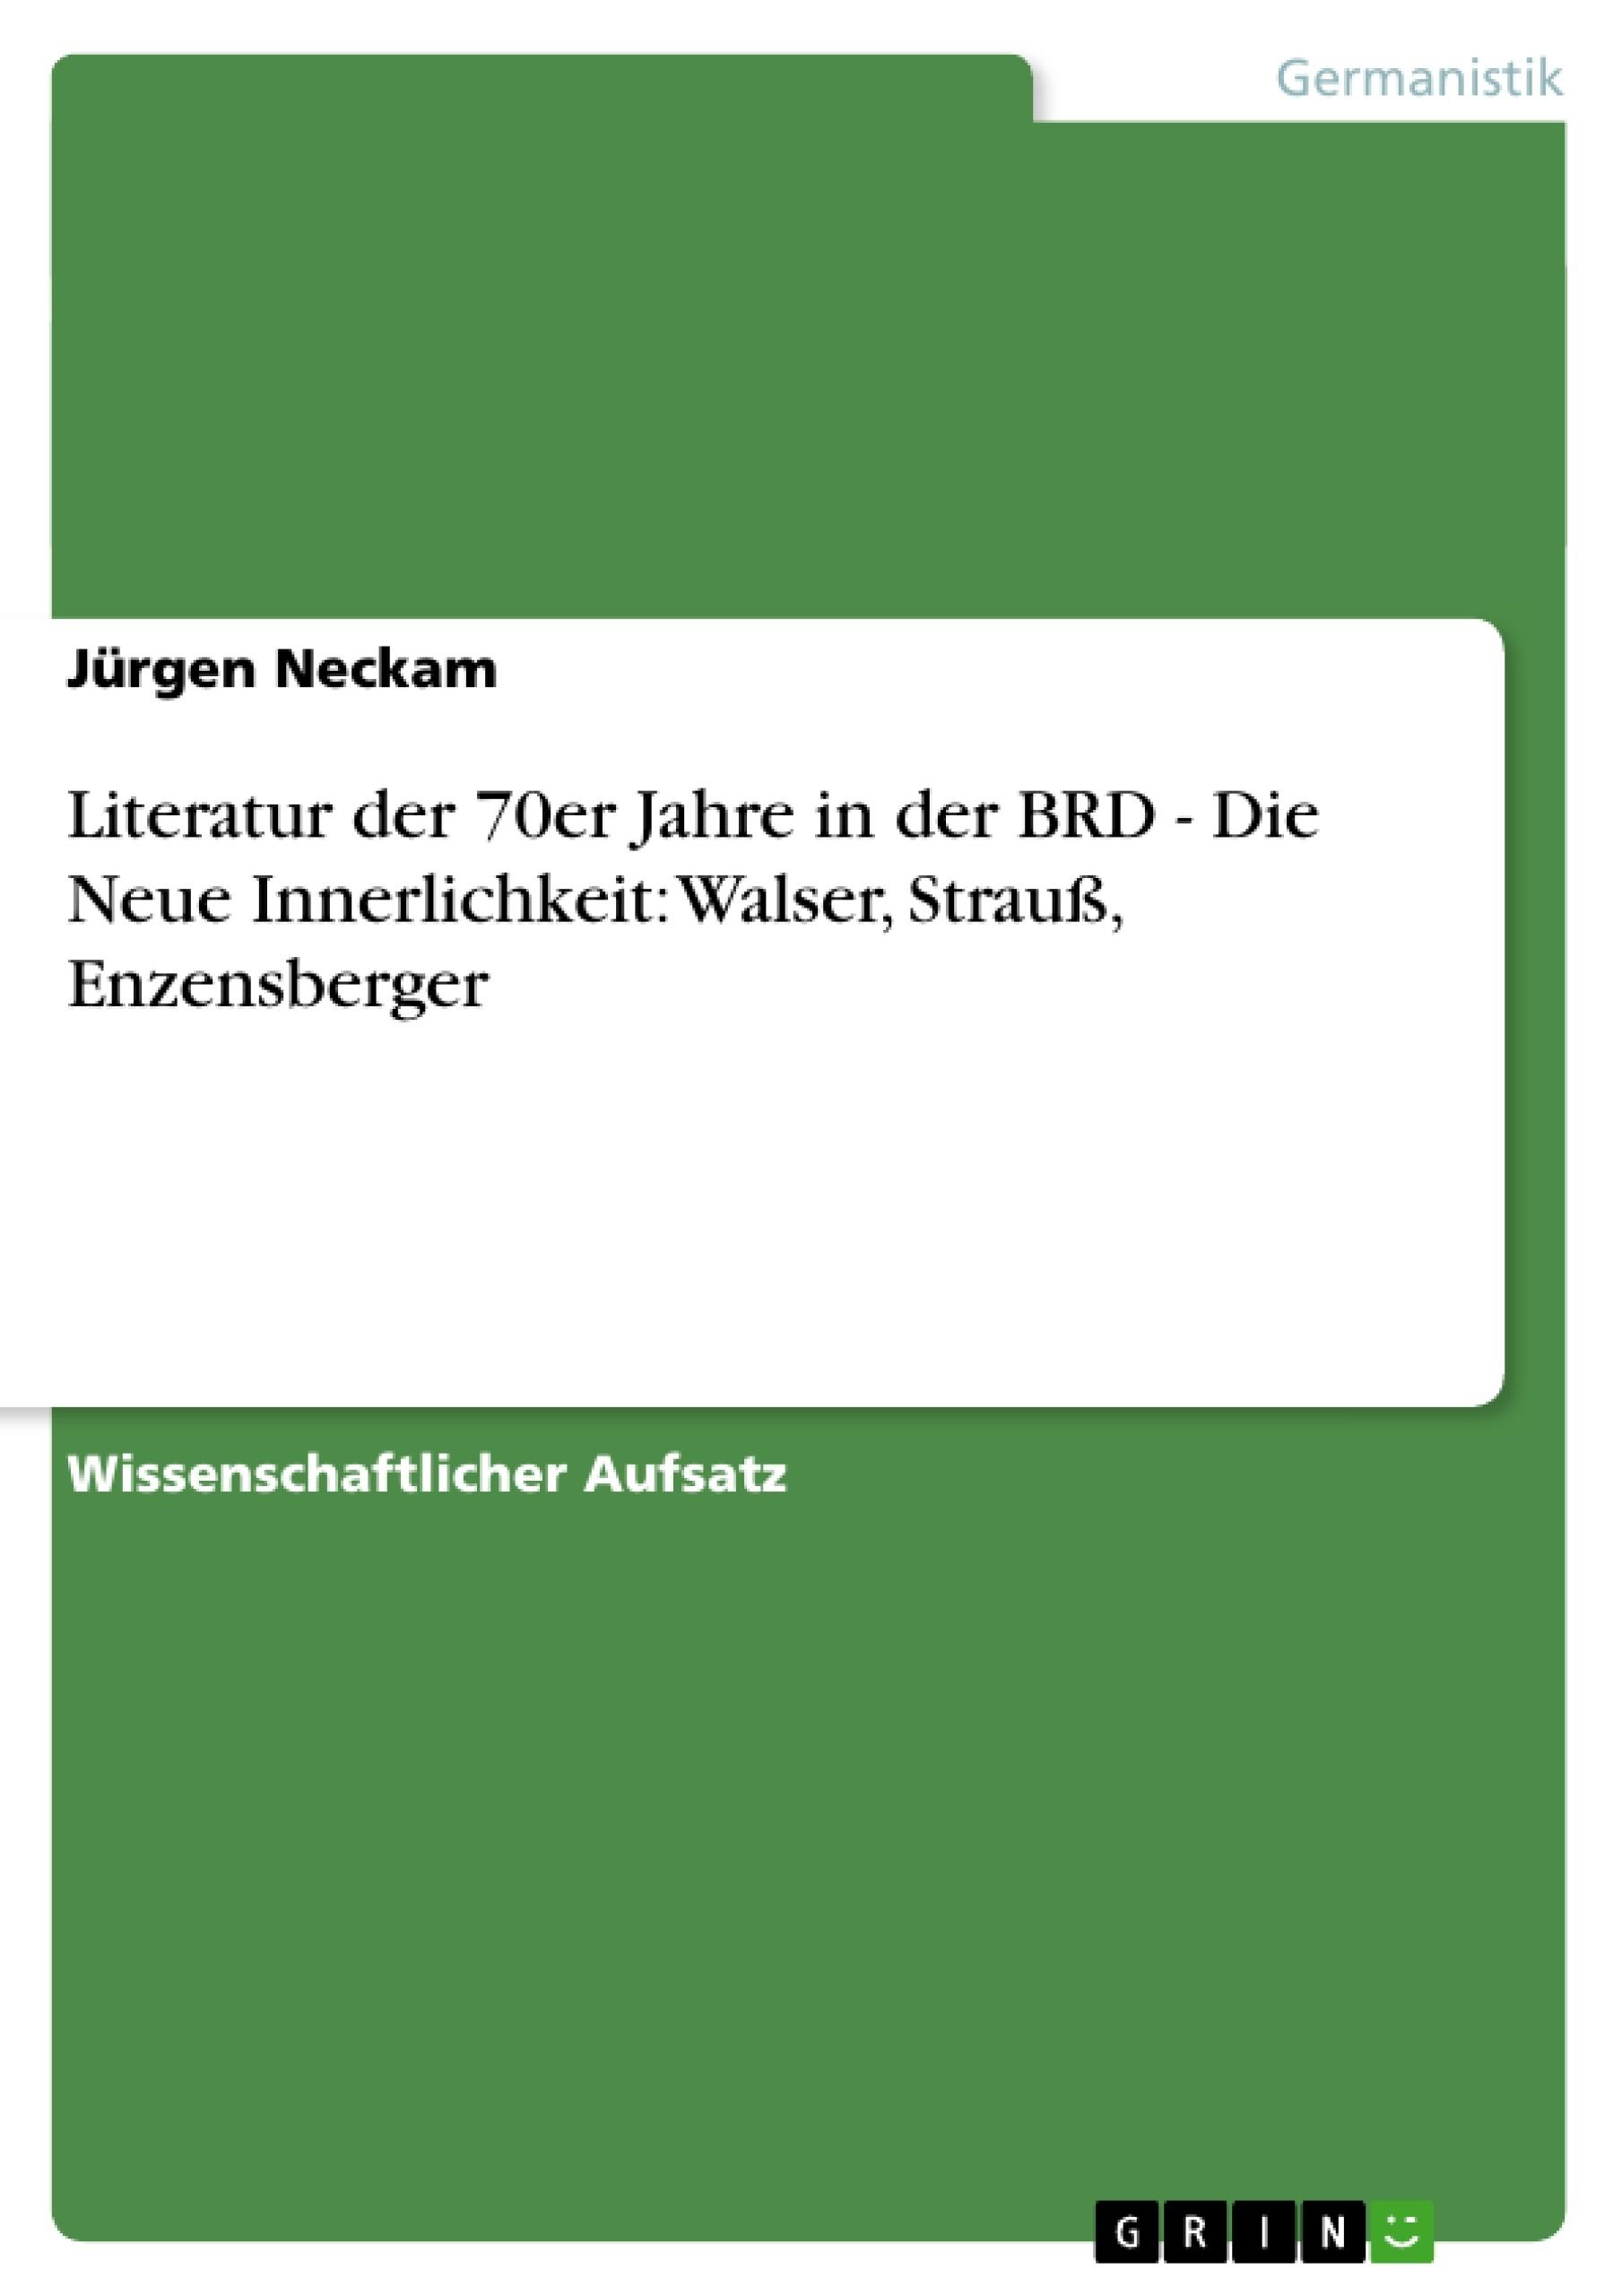 Titel: Literatur der 70er Jahre  in der BRD - Die Neue Innerlichkeit: Walser, Strauß, Enzensberger